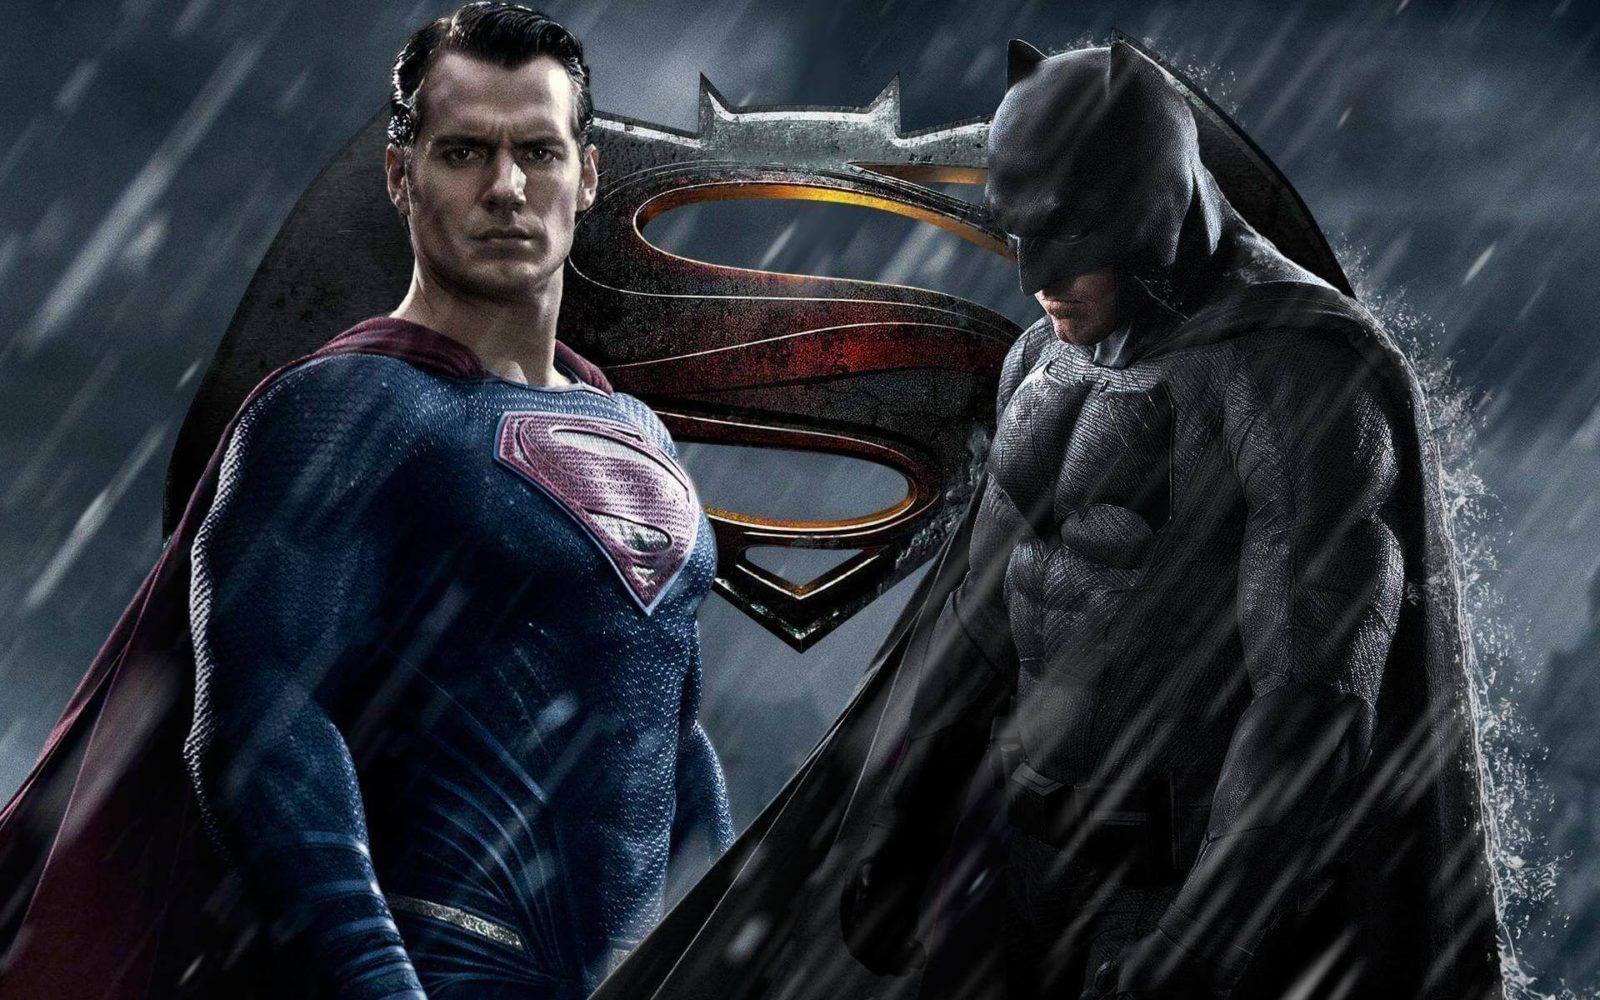 Batman v Superman filmi için uzun fragman yayımlandı!